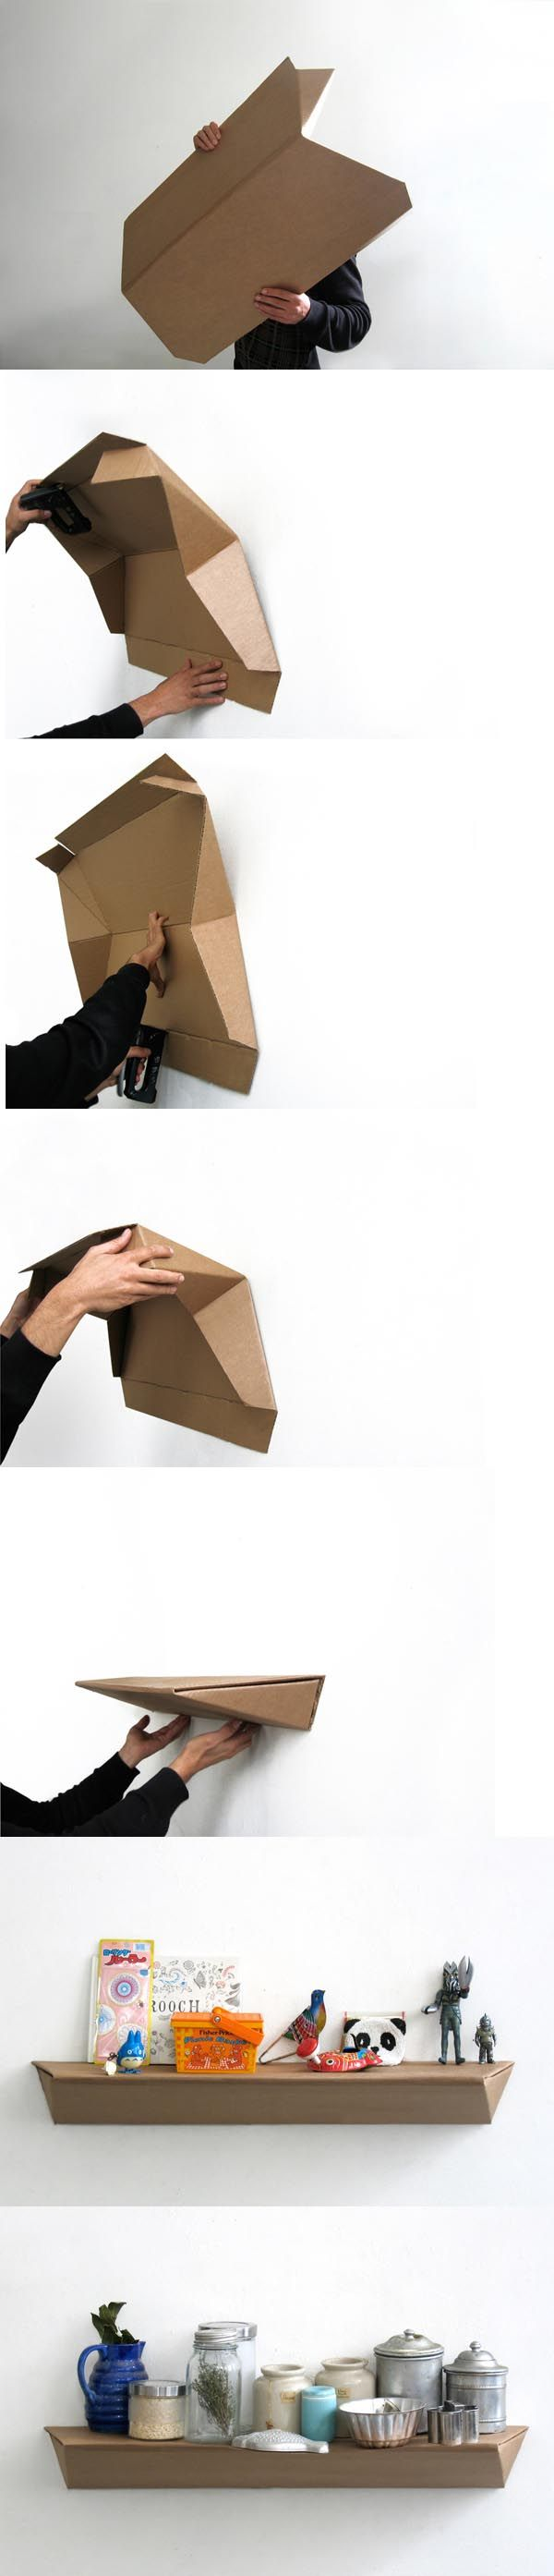 Sorprendente estante de cartón